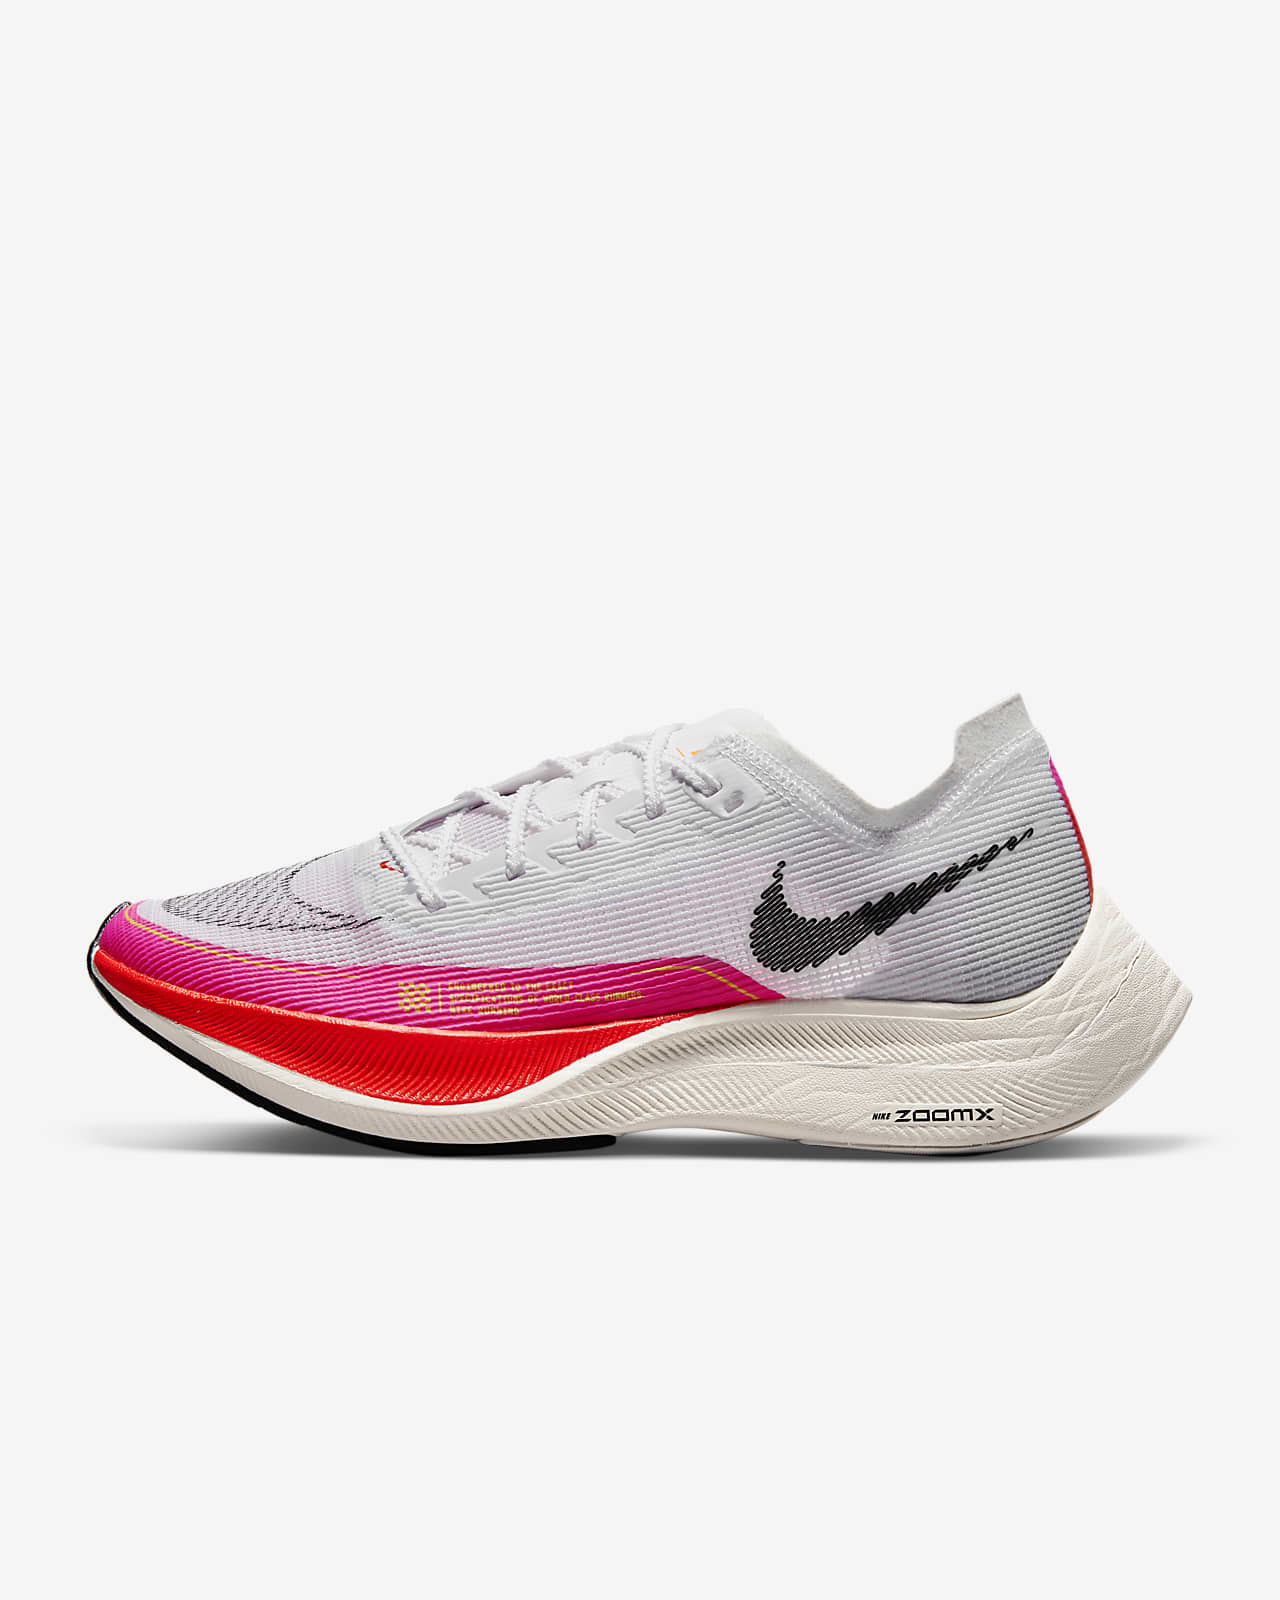 Chaussure de course sur route Nike ZoomX Vaporfly Next% 2 pour Femme